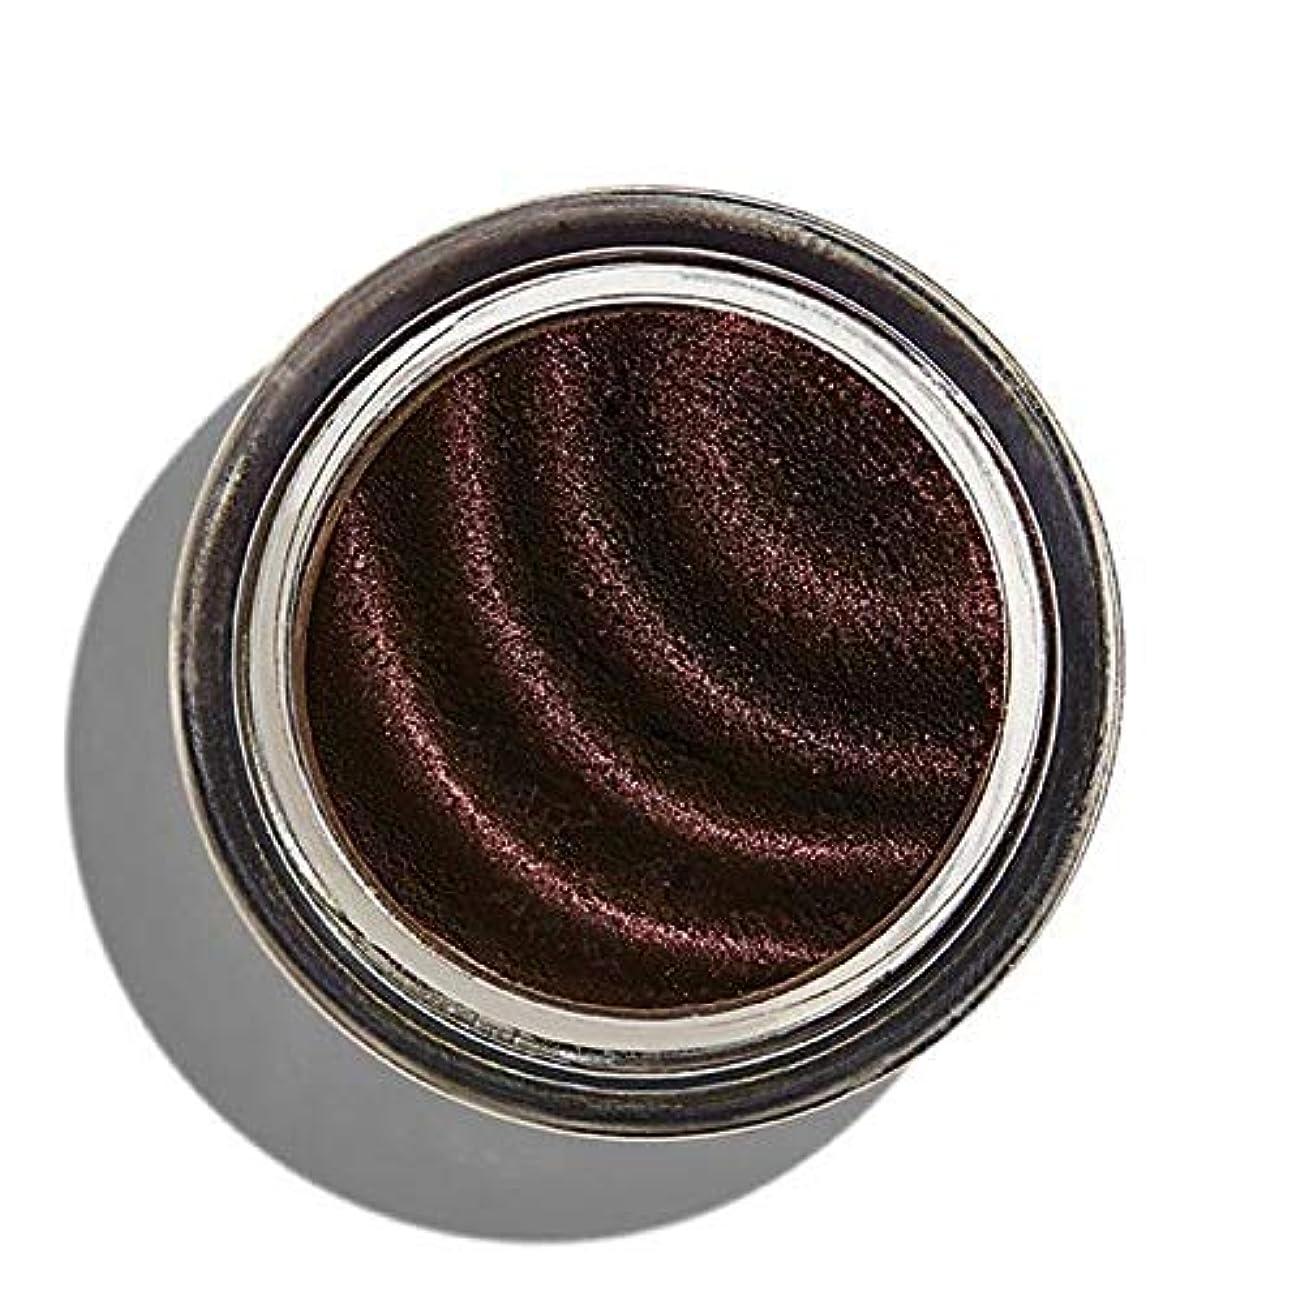 ライセンス最終的に錫[Revolution ] 化粧革命磁化のアイシャドウバーガンディ - Makeup Revolution Magnetize Eyeshadow Burgundy [並行輸入品]